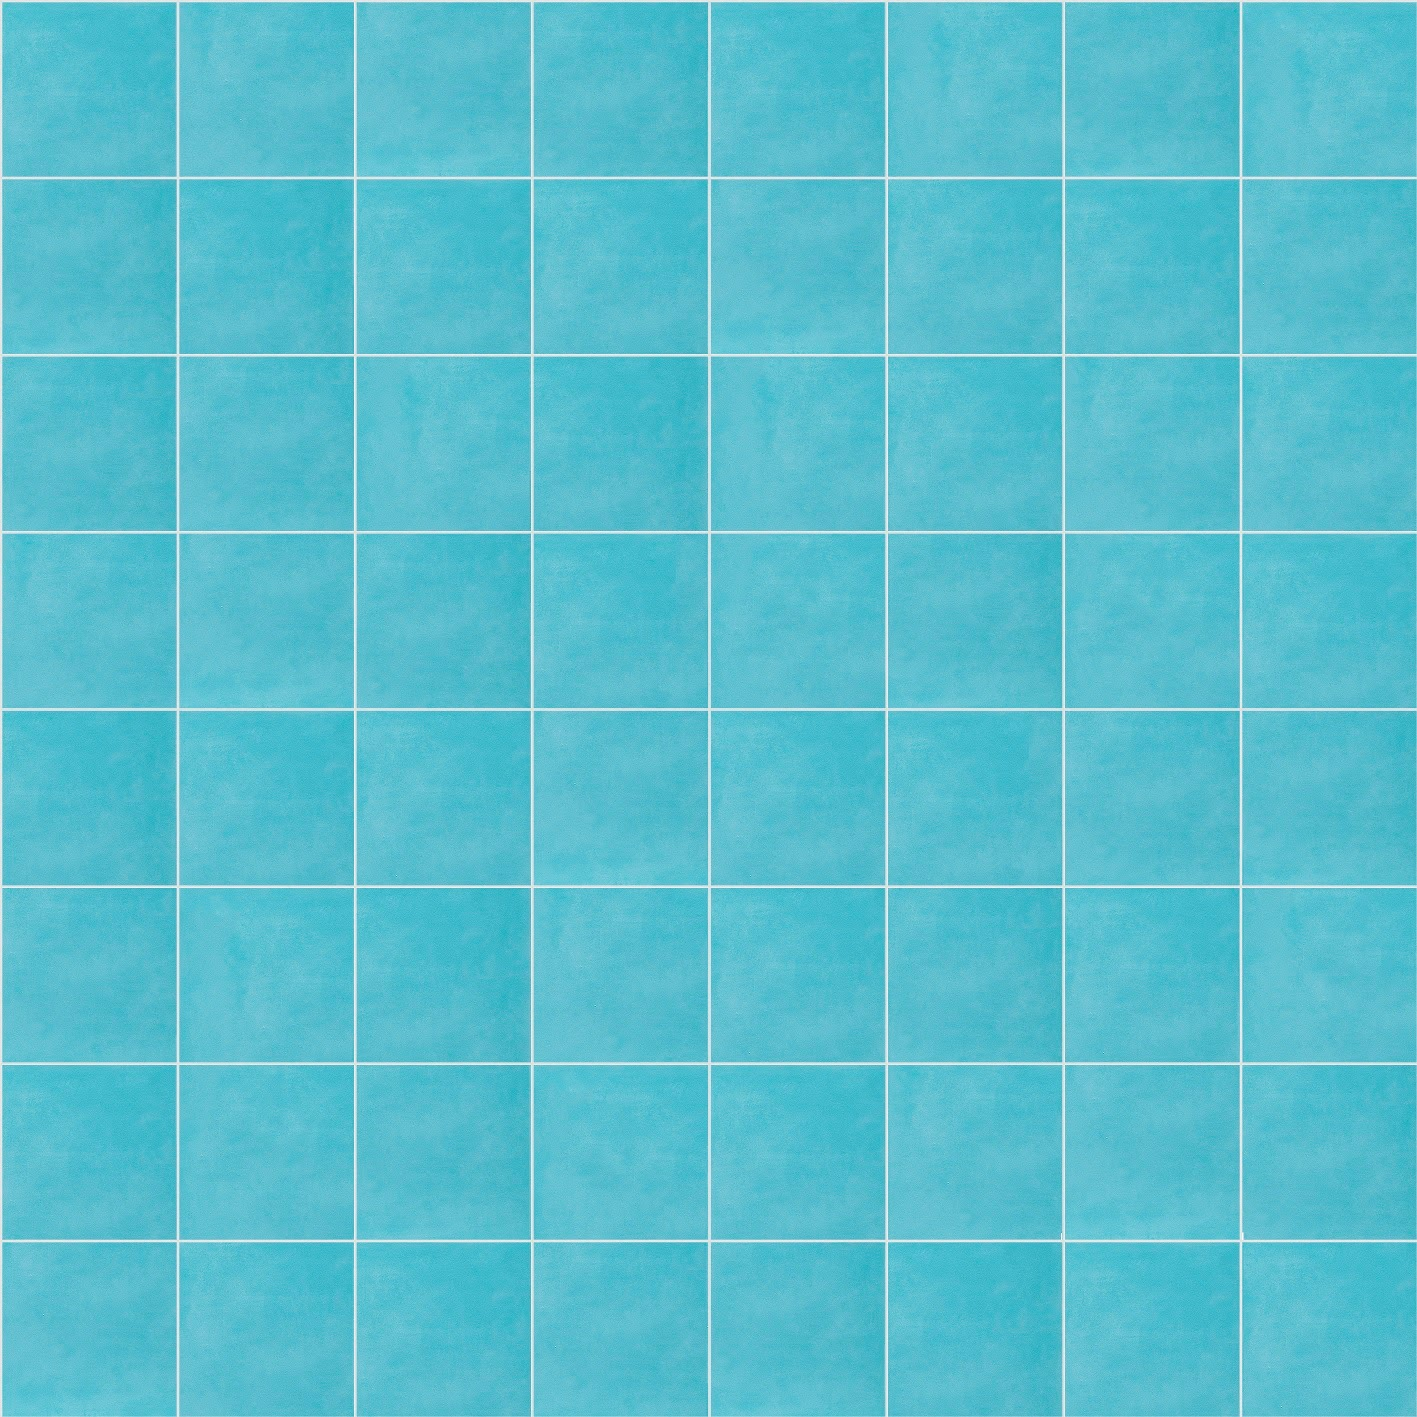 Texture Seamless Pavimento Azzurro Simo 3djpg Pictures